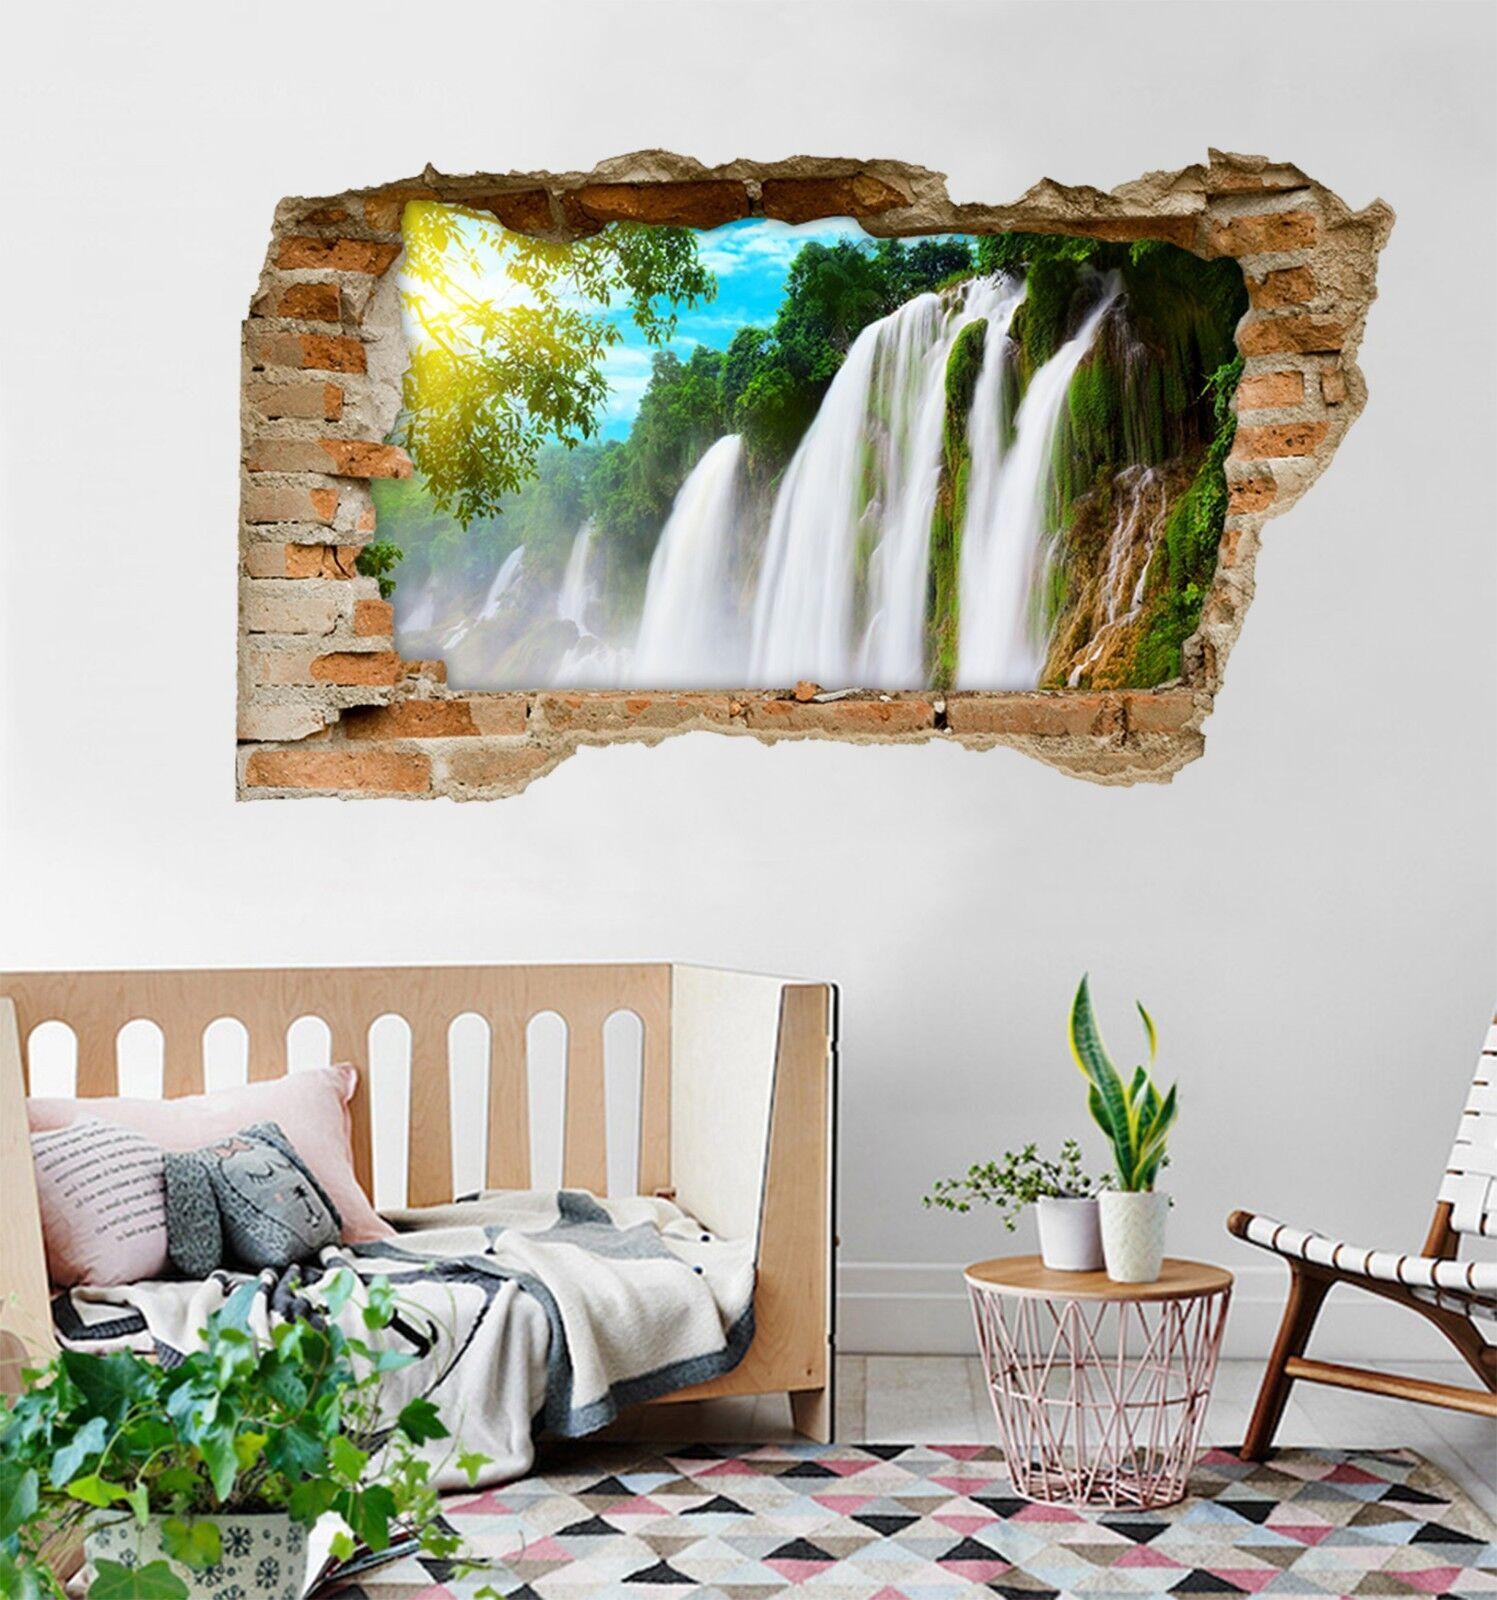 3D Wasserfall 204 Mauer Murals Mauer Aufklebe Decal Durchbruch AJ WALLPAPER DE